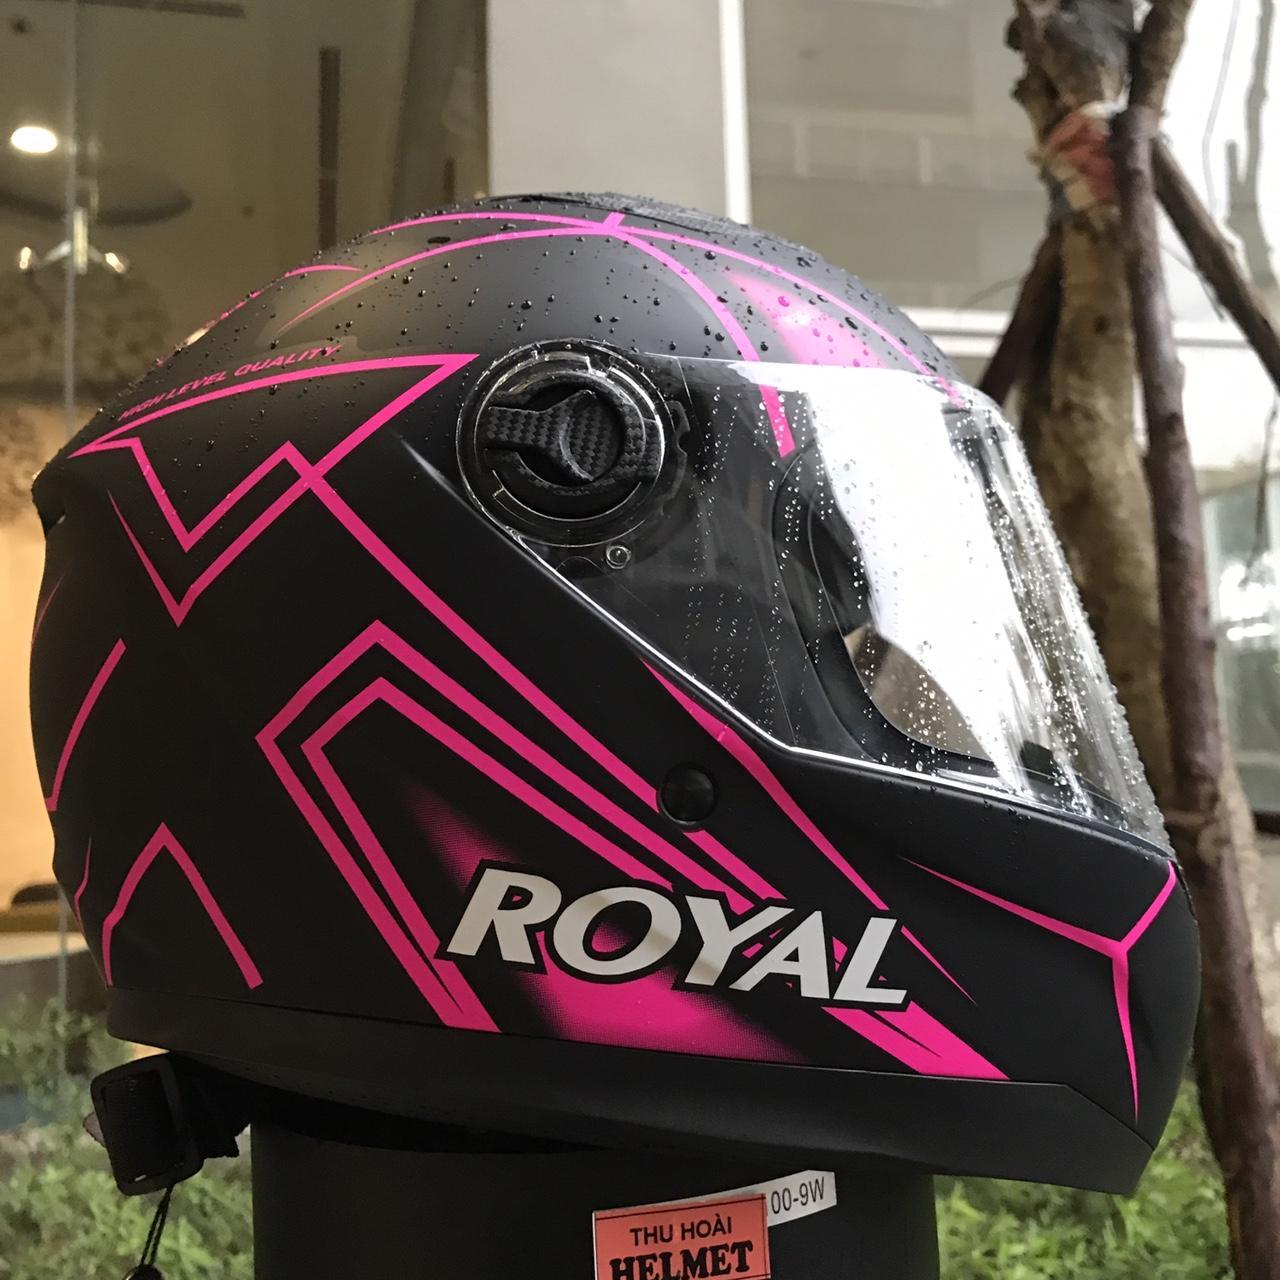 Chiết Khấu Mũ Bảo Hiẻm Royal M136 Tem Hòng Kính Trắng Royal Helmet Trong Việt Nam